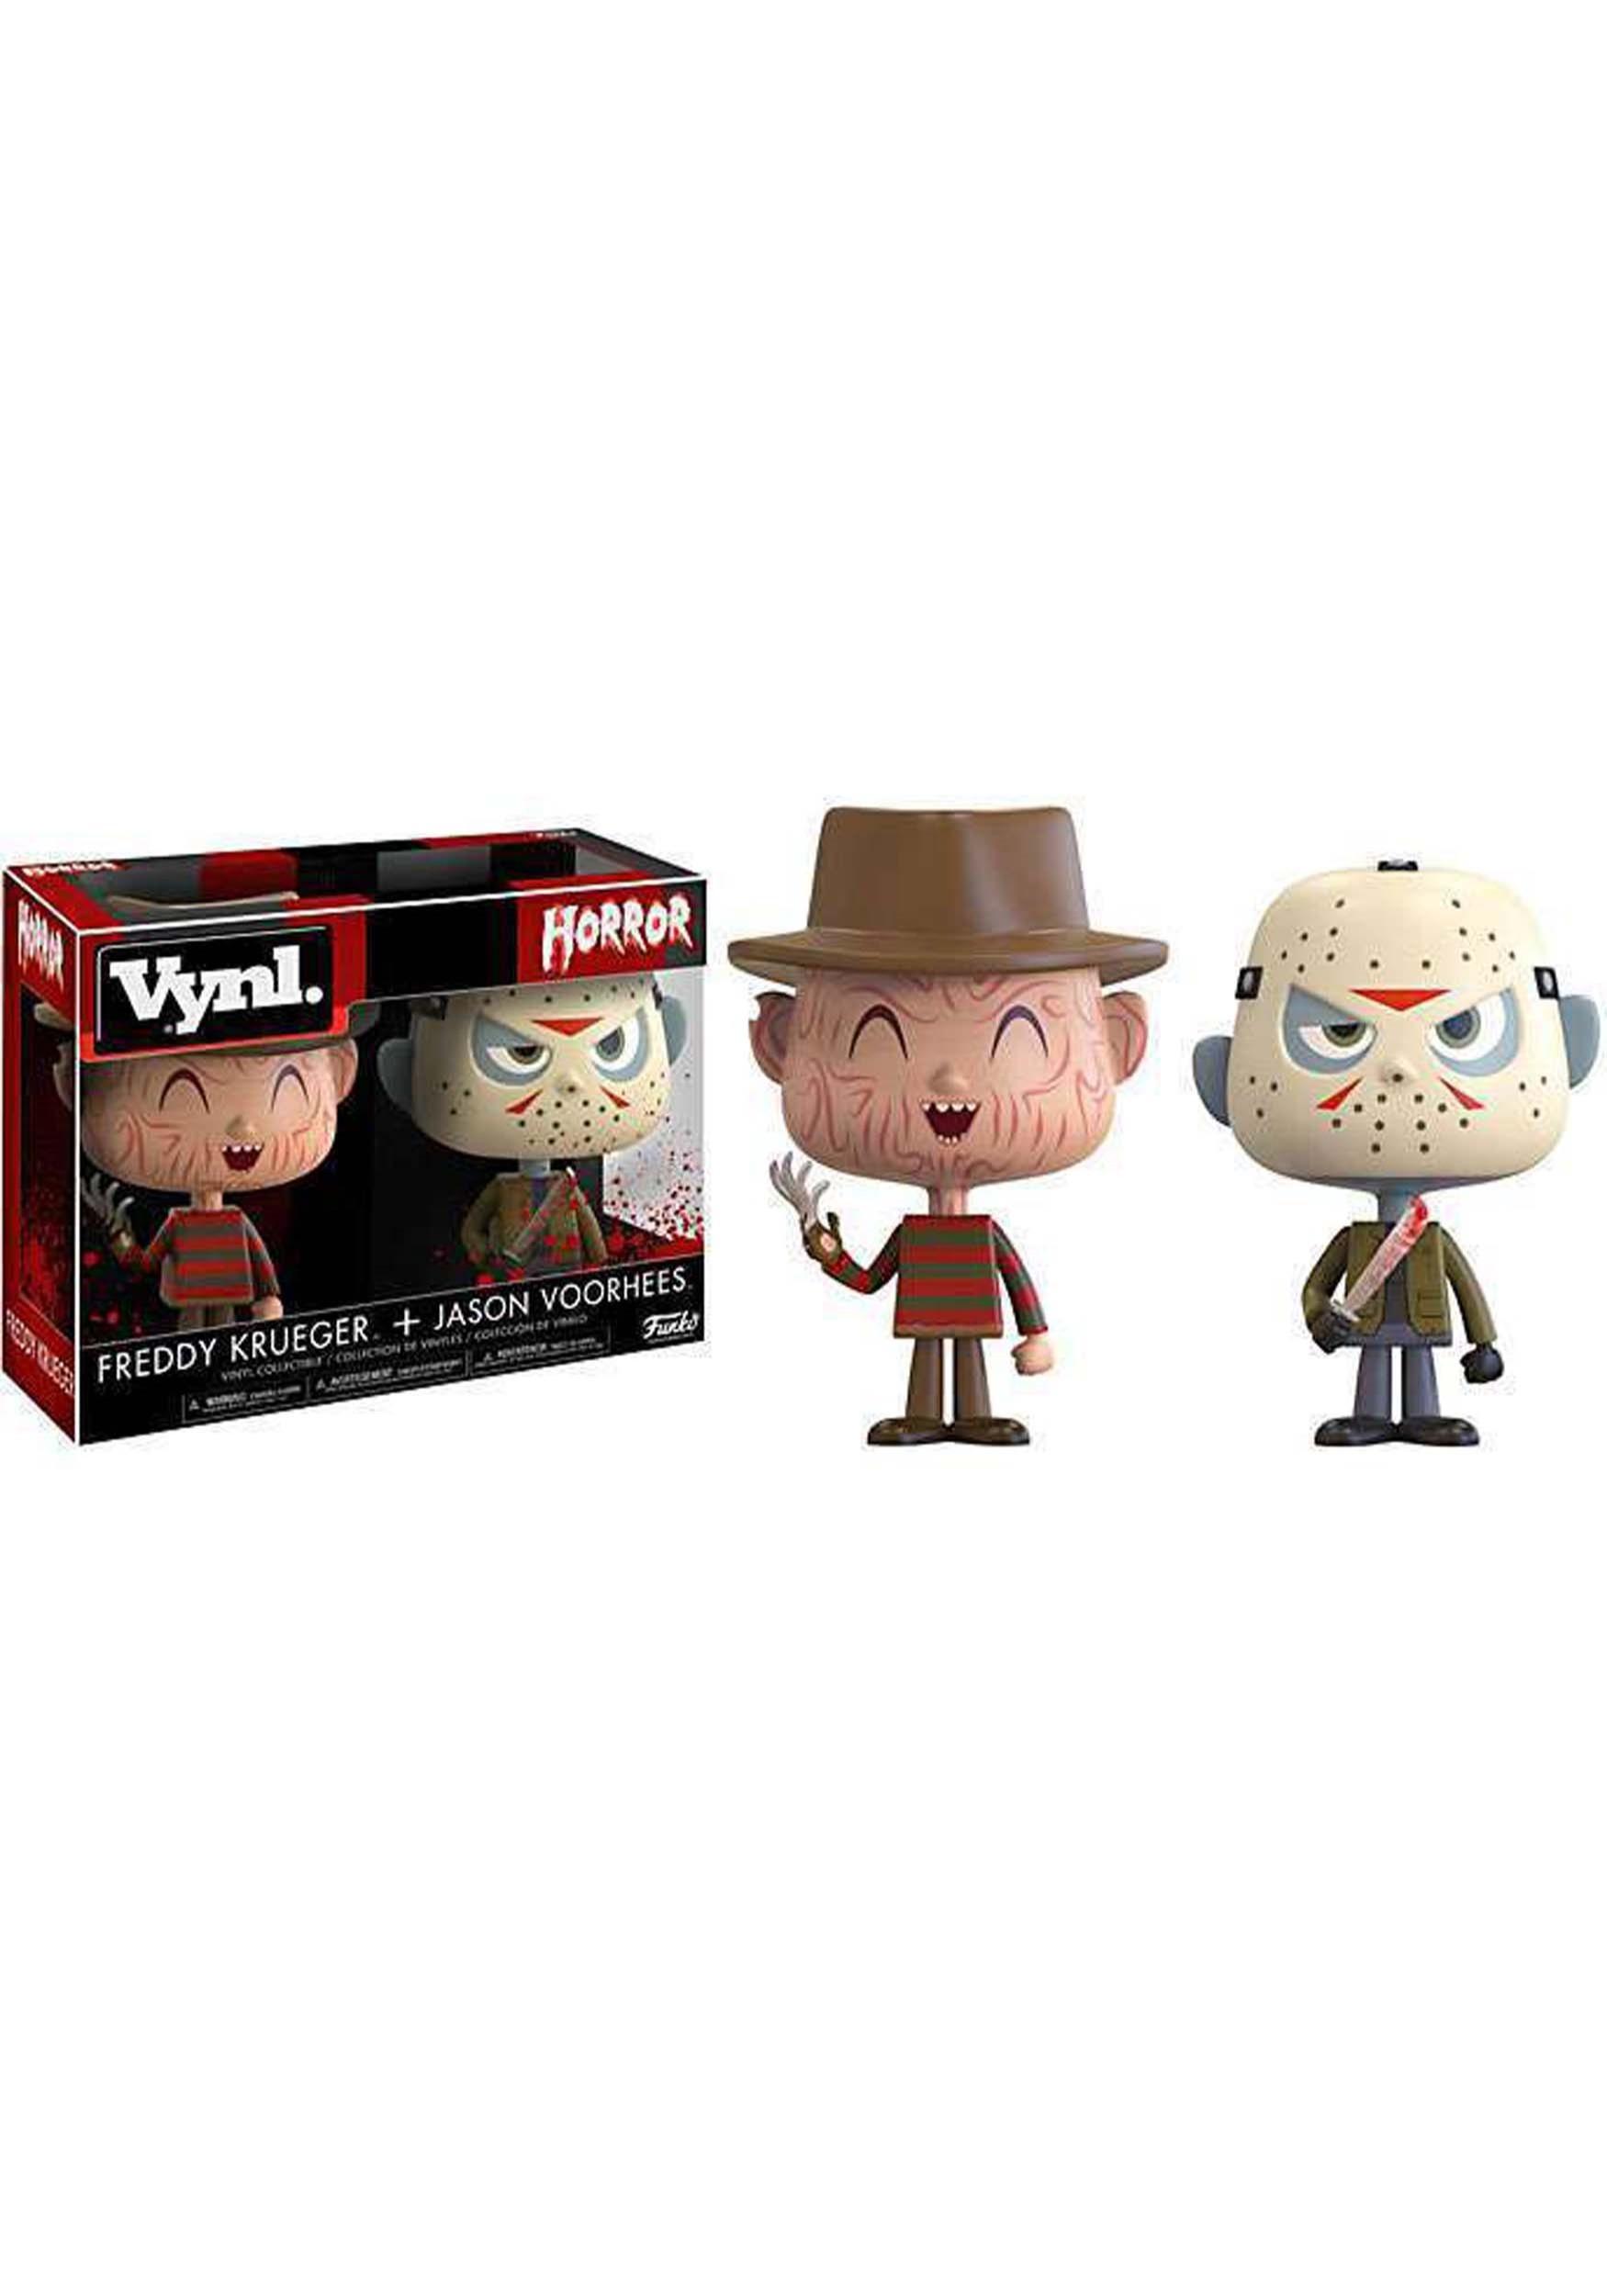 Vynl Horror: Jason Voorhees & Freddy Krueger Vinyl Figures FN20911